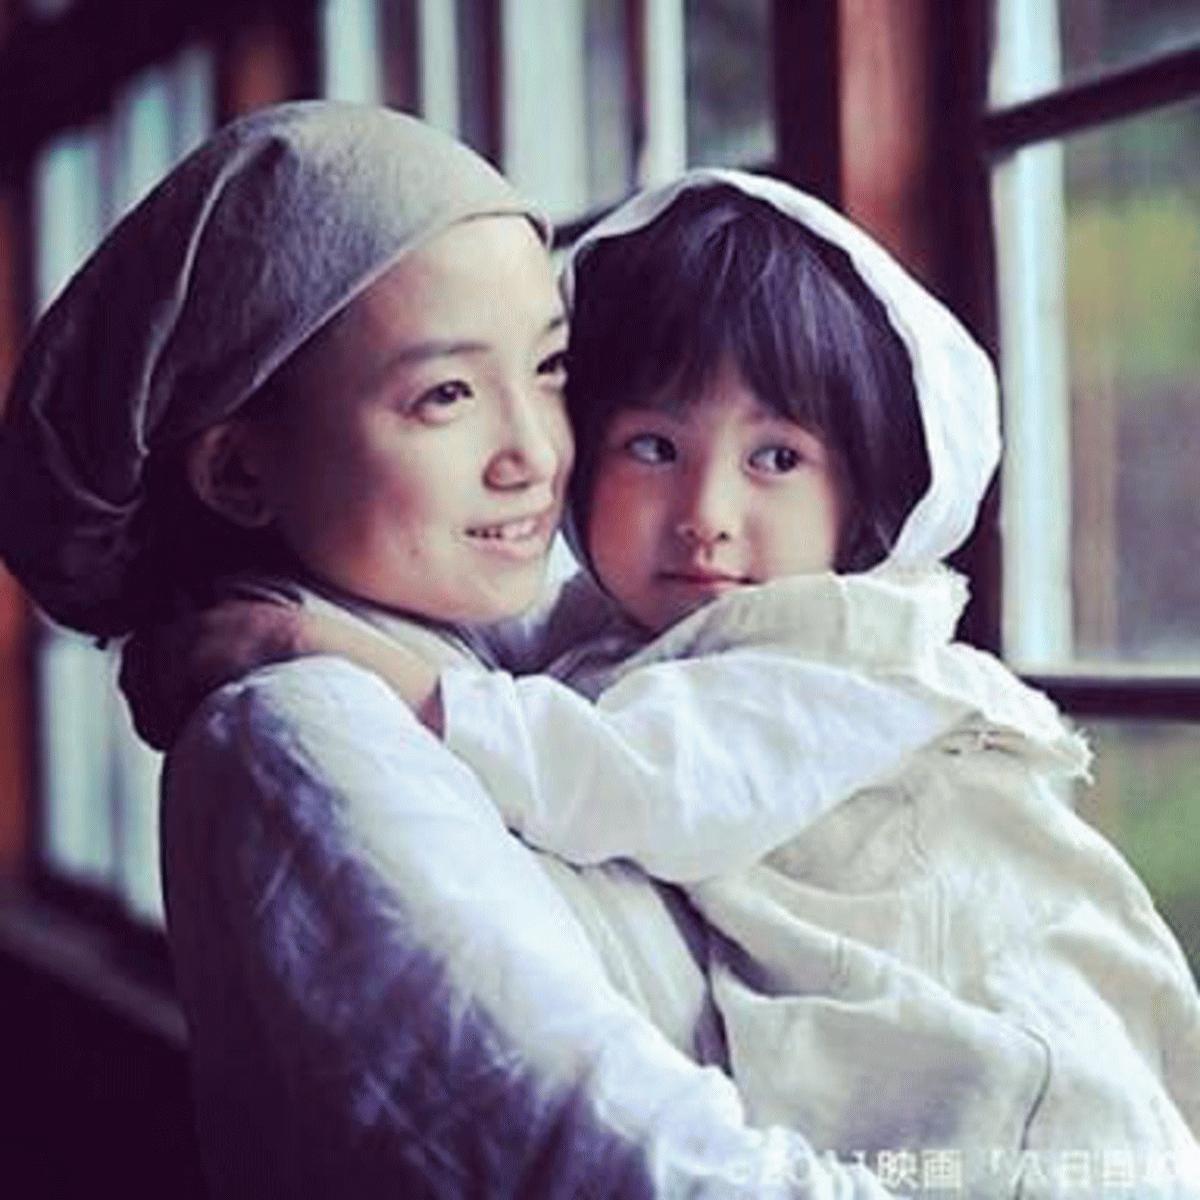 映画八日目の蝉、薫と希和子の愛着関係を表すイメージ